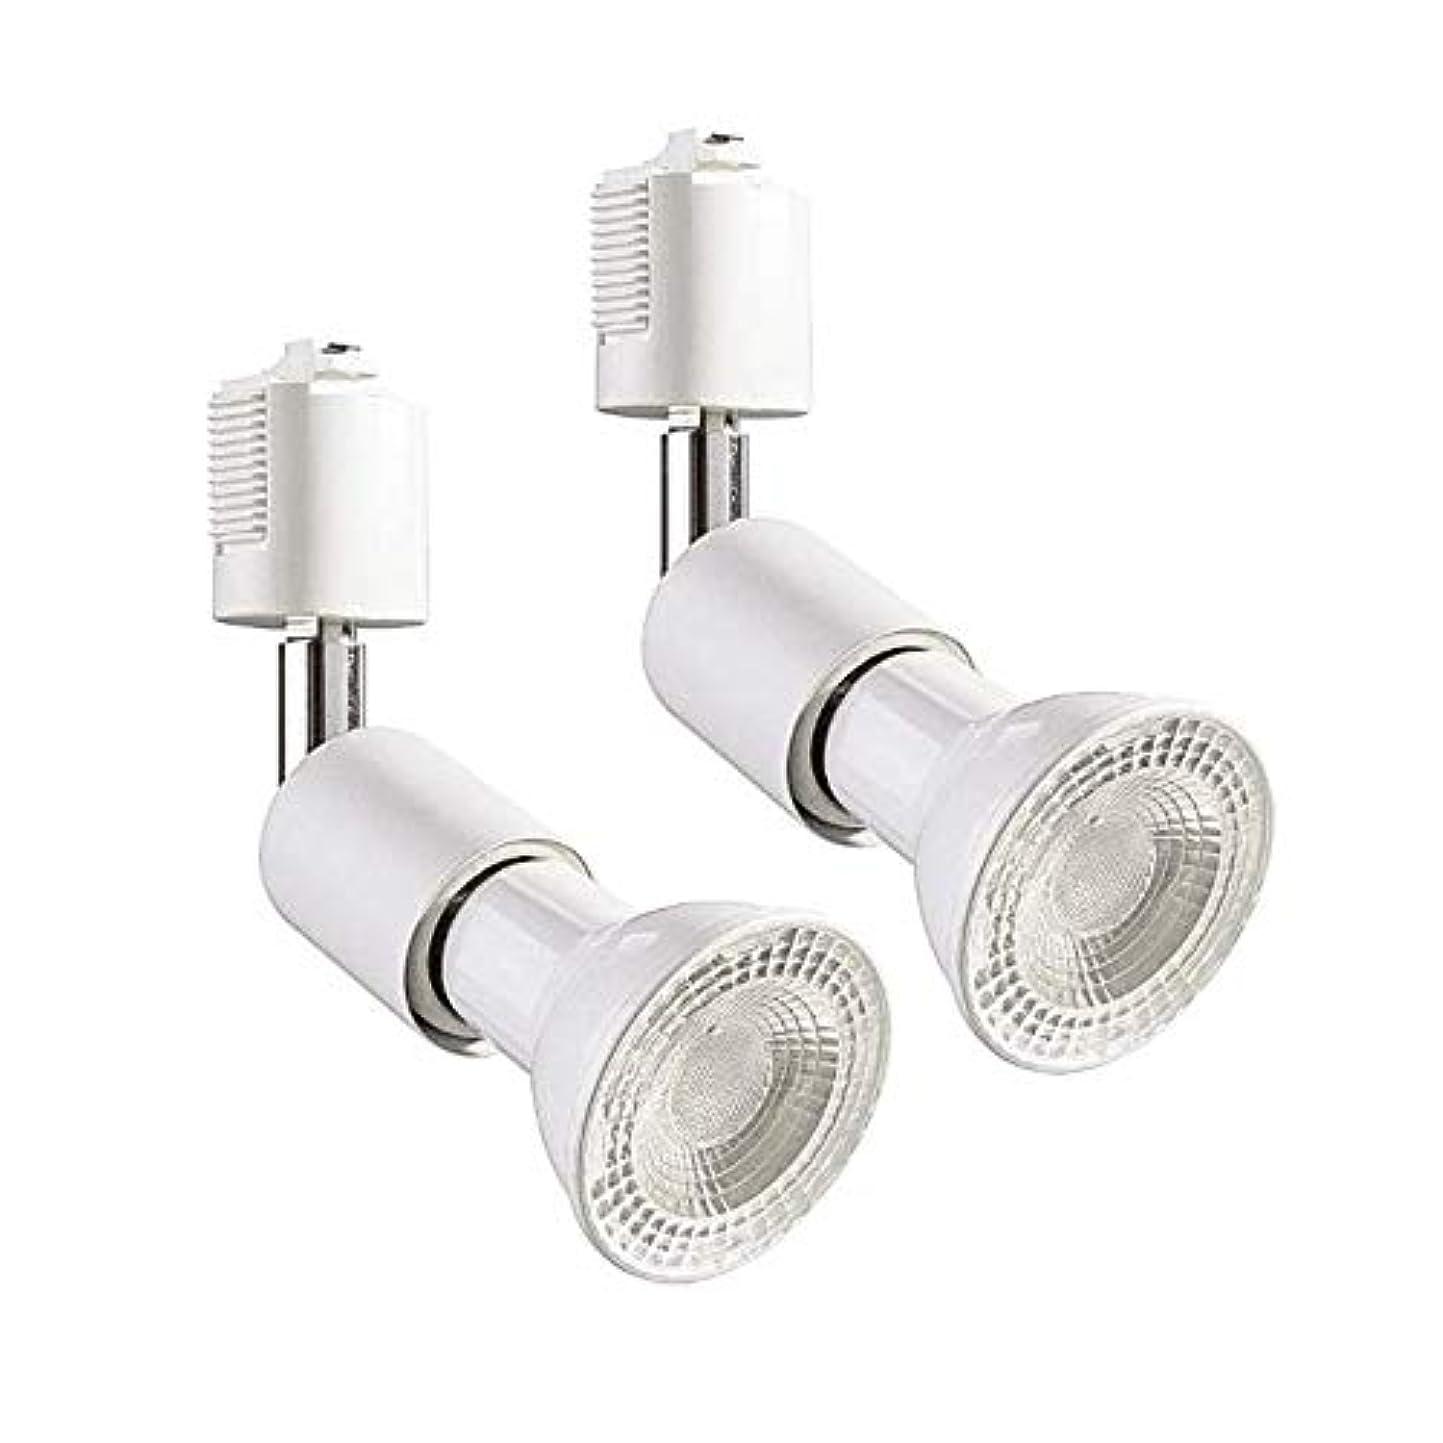 タバコ多様性人差し指ライティングバー用スポットライト e26 電球付き 電球色 LEDスポットライト ライティングレール ライト PAR20 レフ球型 ランプ付 LED電球+器具セット 2個セット (電球色)